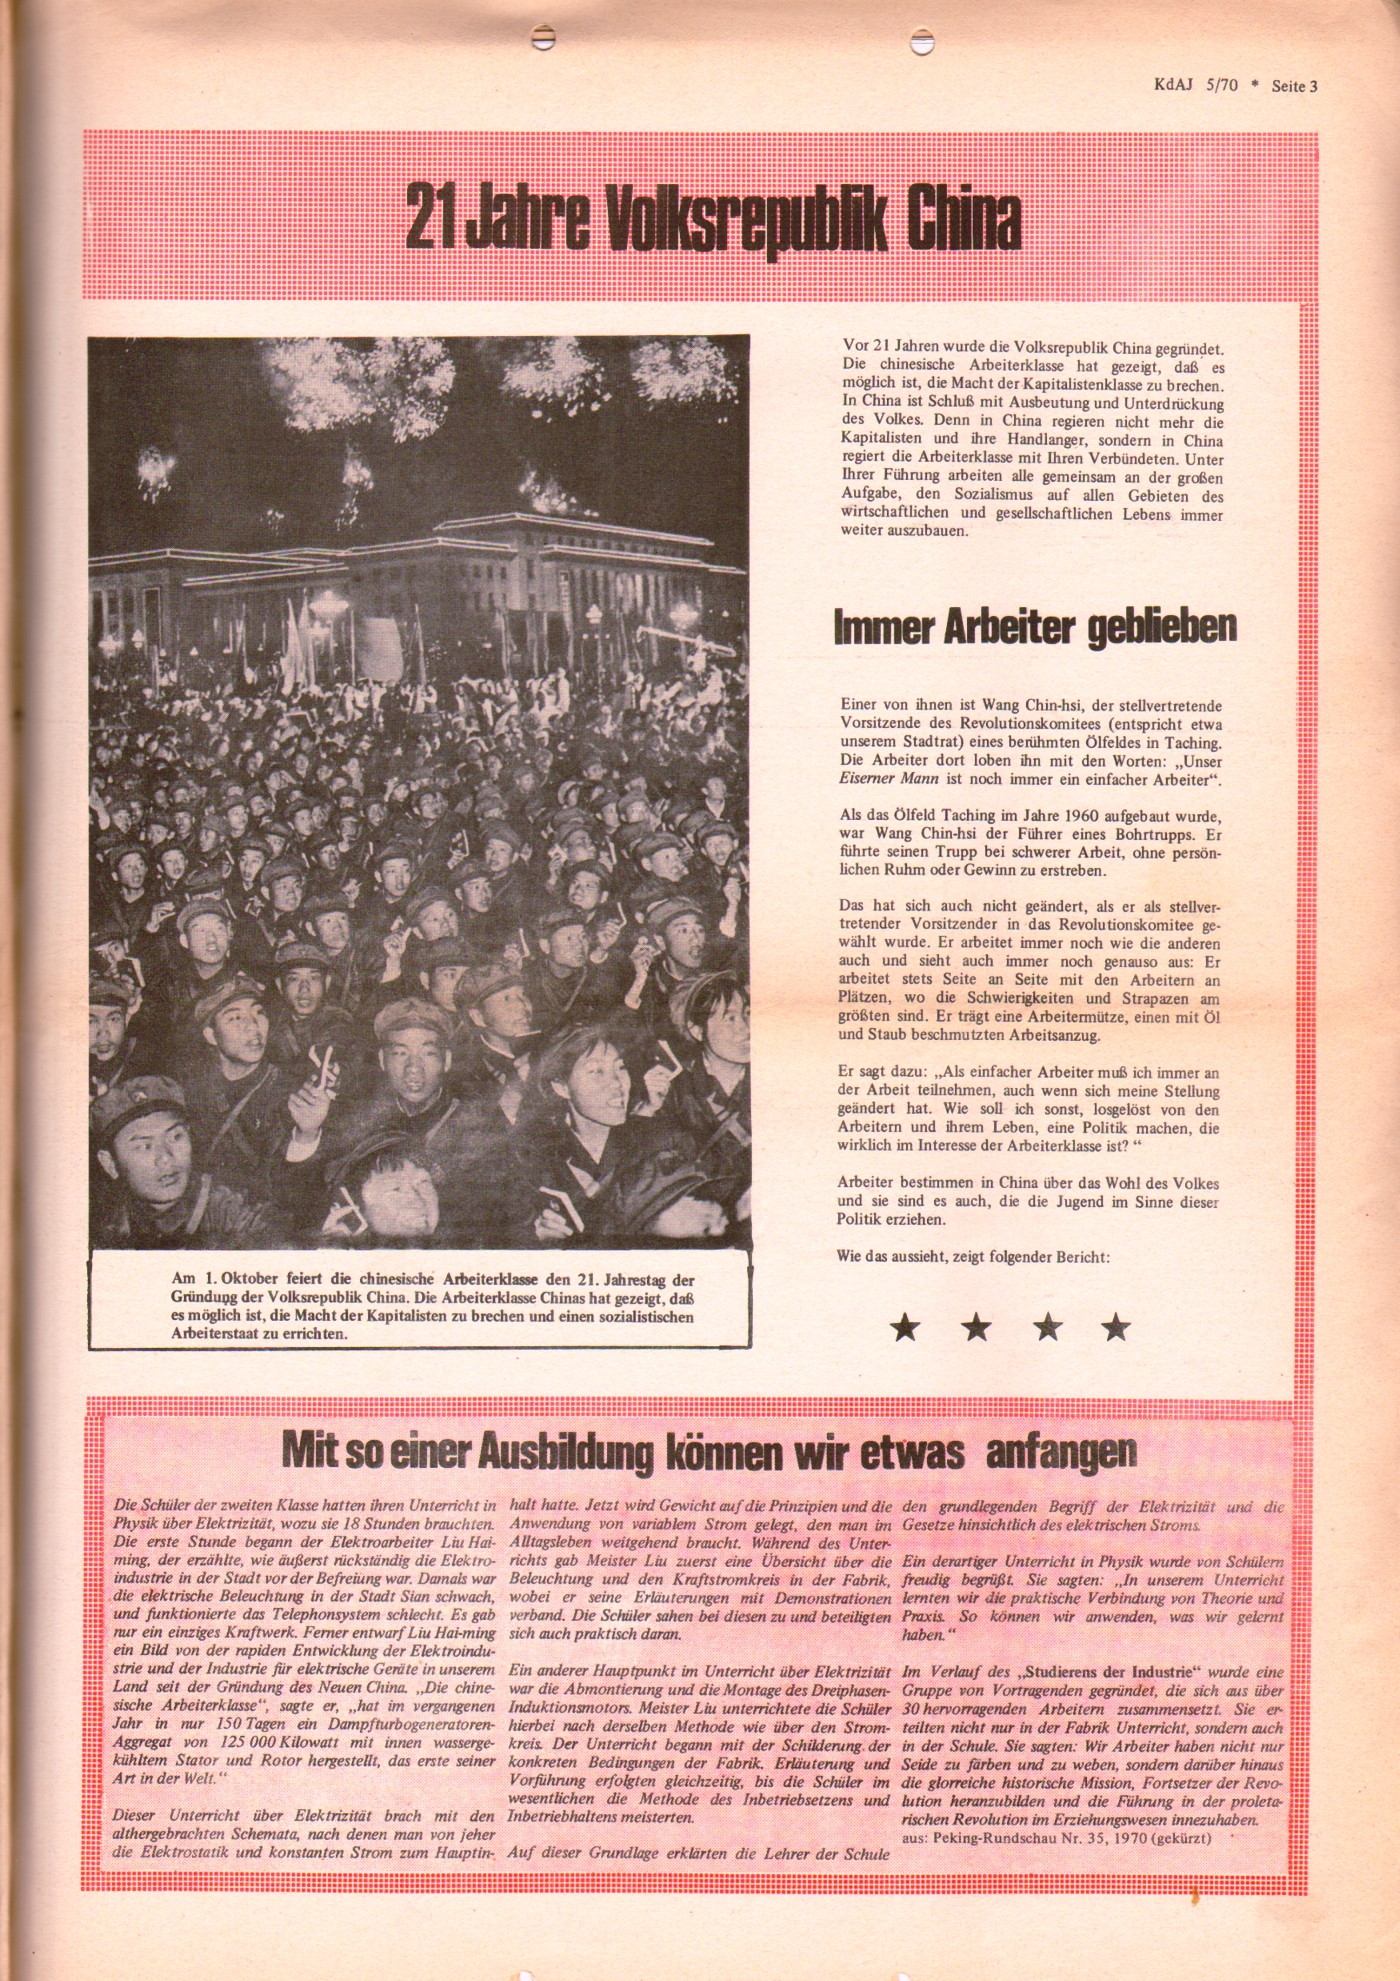 KDAJ, 1. Jg., November 1970, Nr. 5, Seite 3